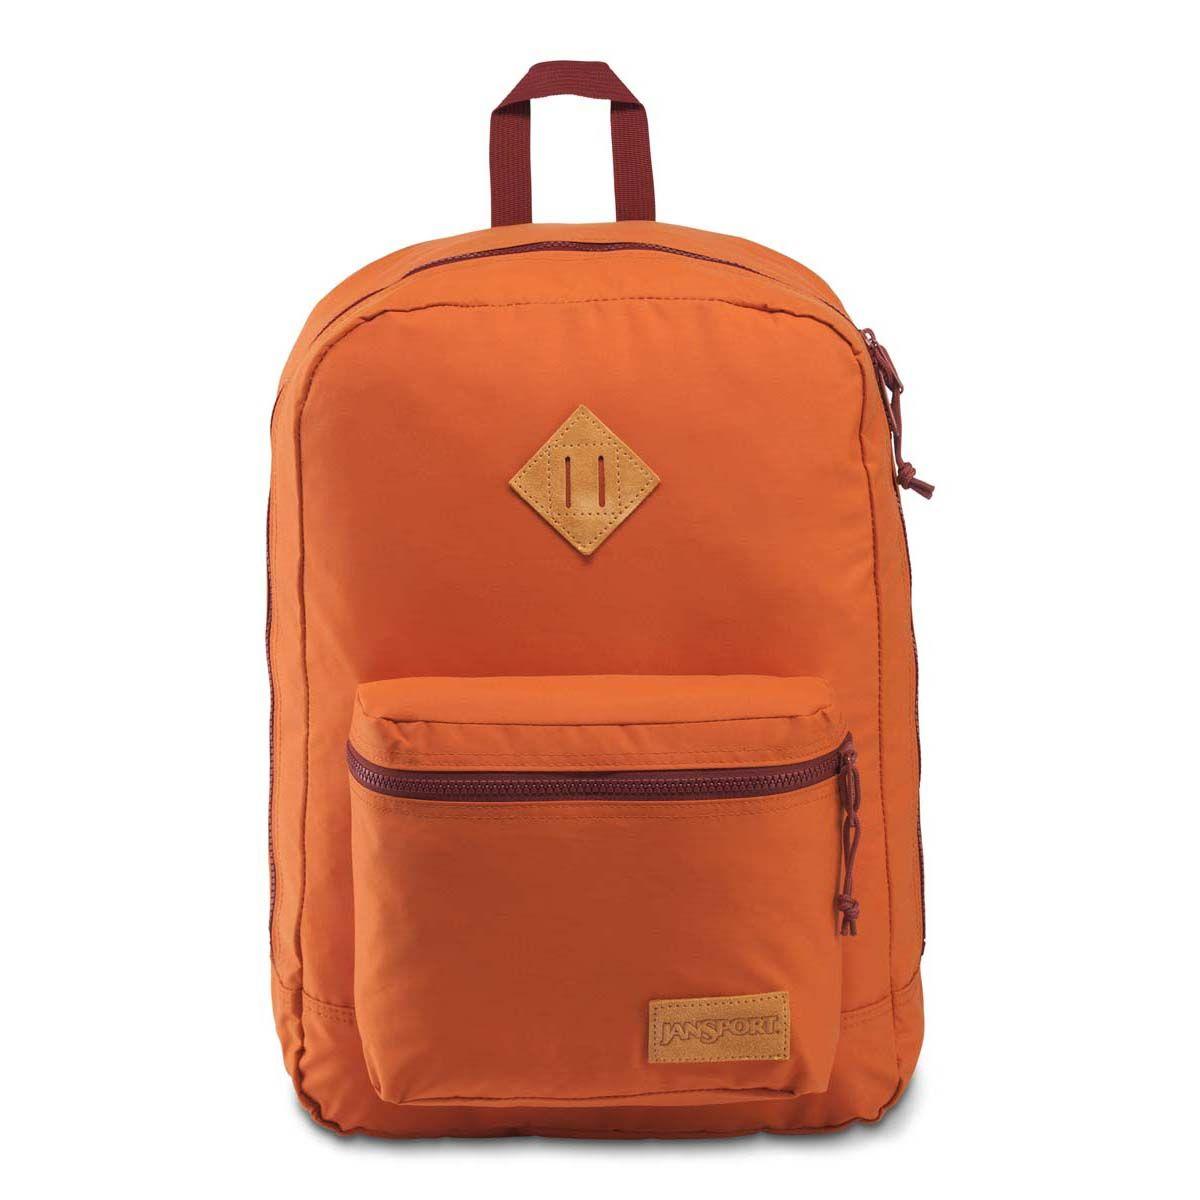 JanSport Super Lite Backpack in Umber/Red Rust